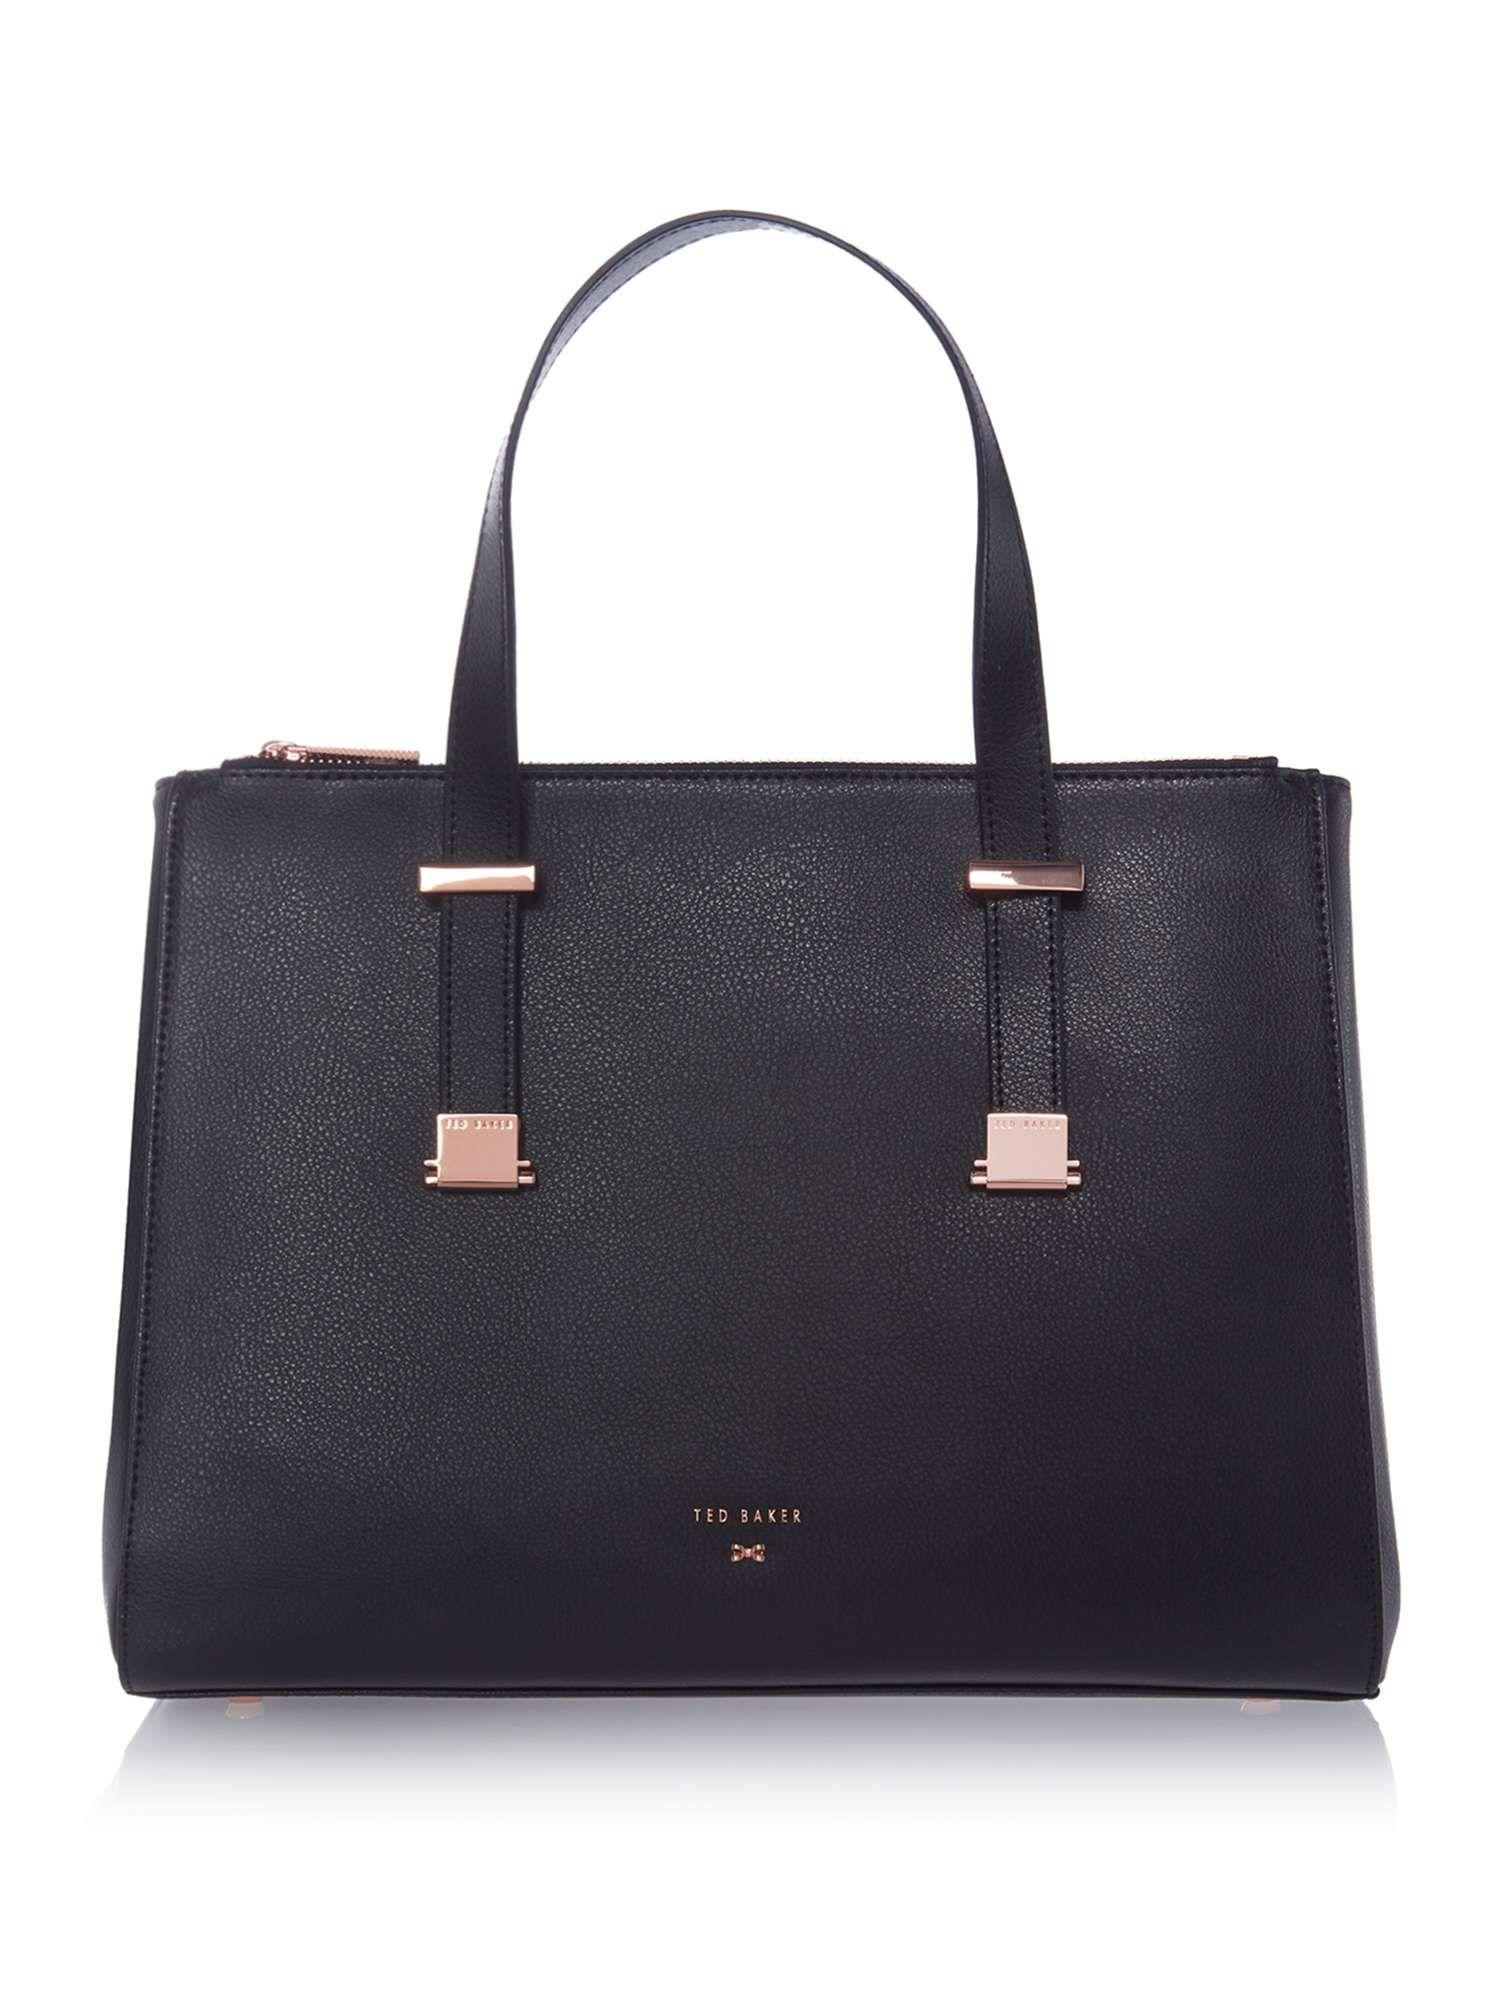 Ted Baker Amina Adjule Handle Large Tote Bag House Of Fraser Bags Online